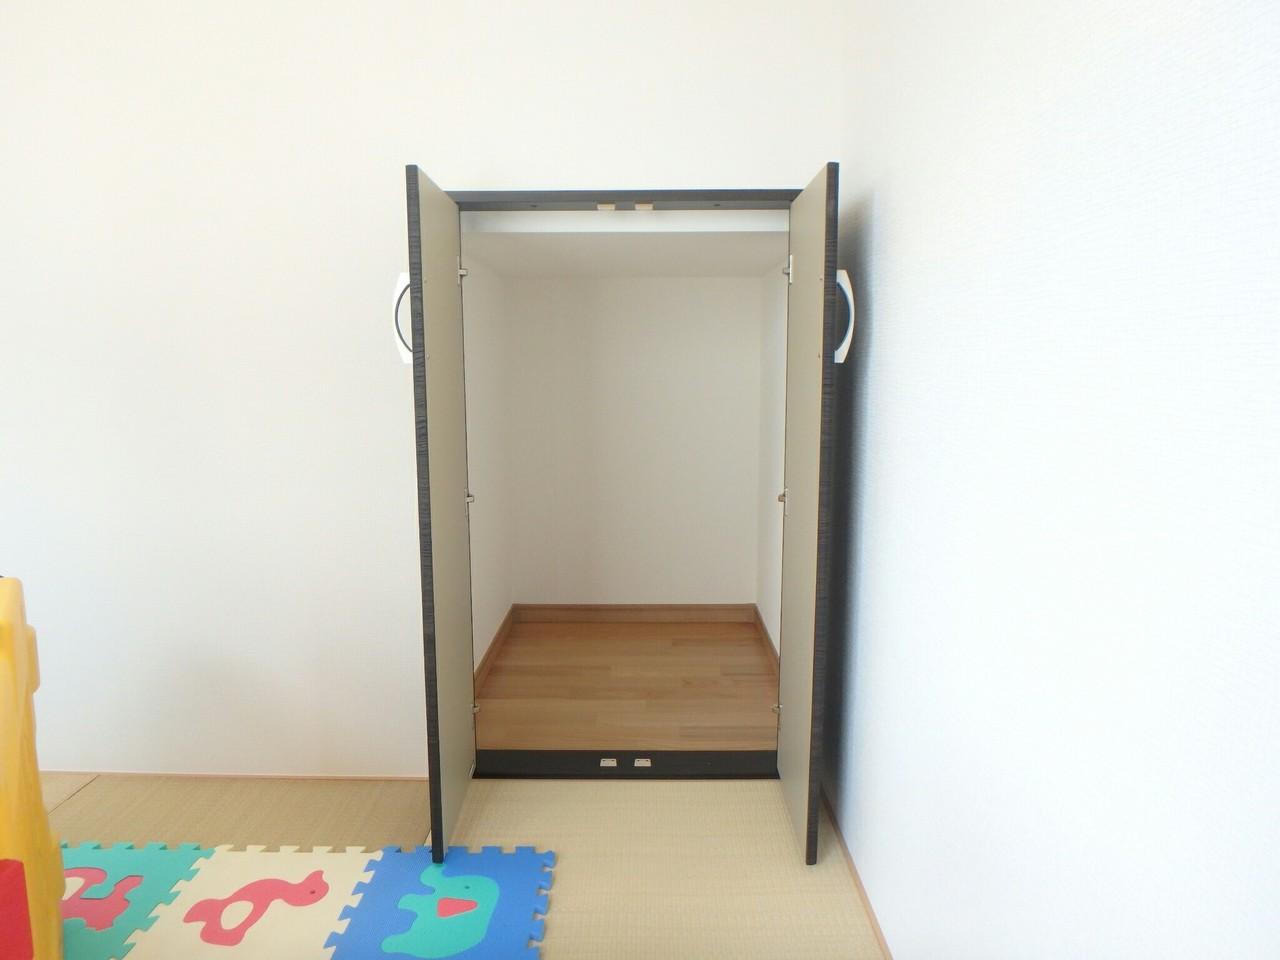 和室にも収納があります。お子さんのおもちゃなども整理できますね。